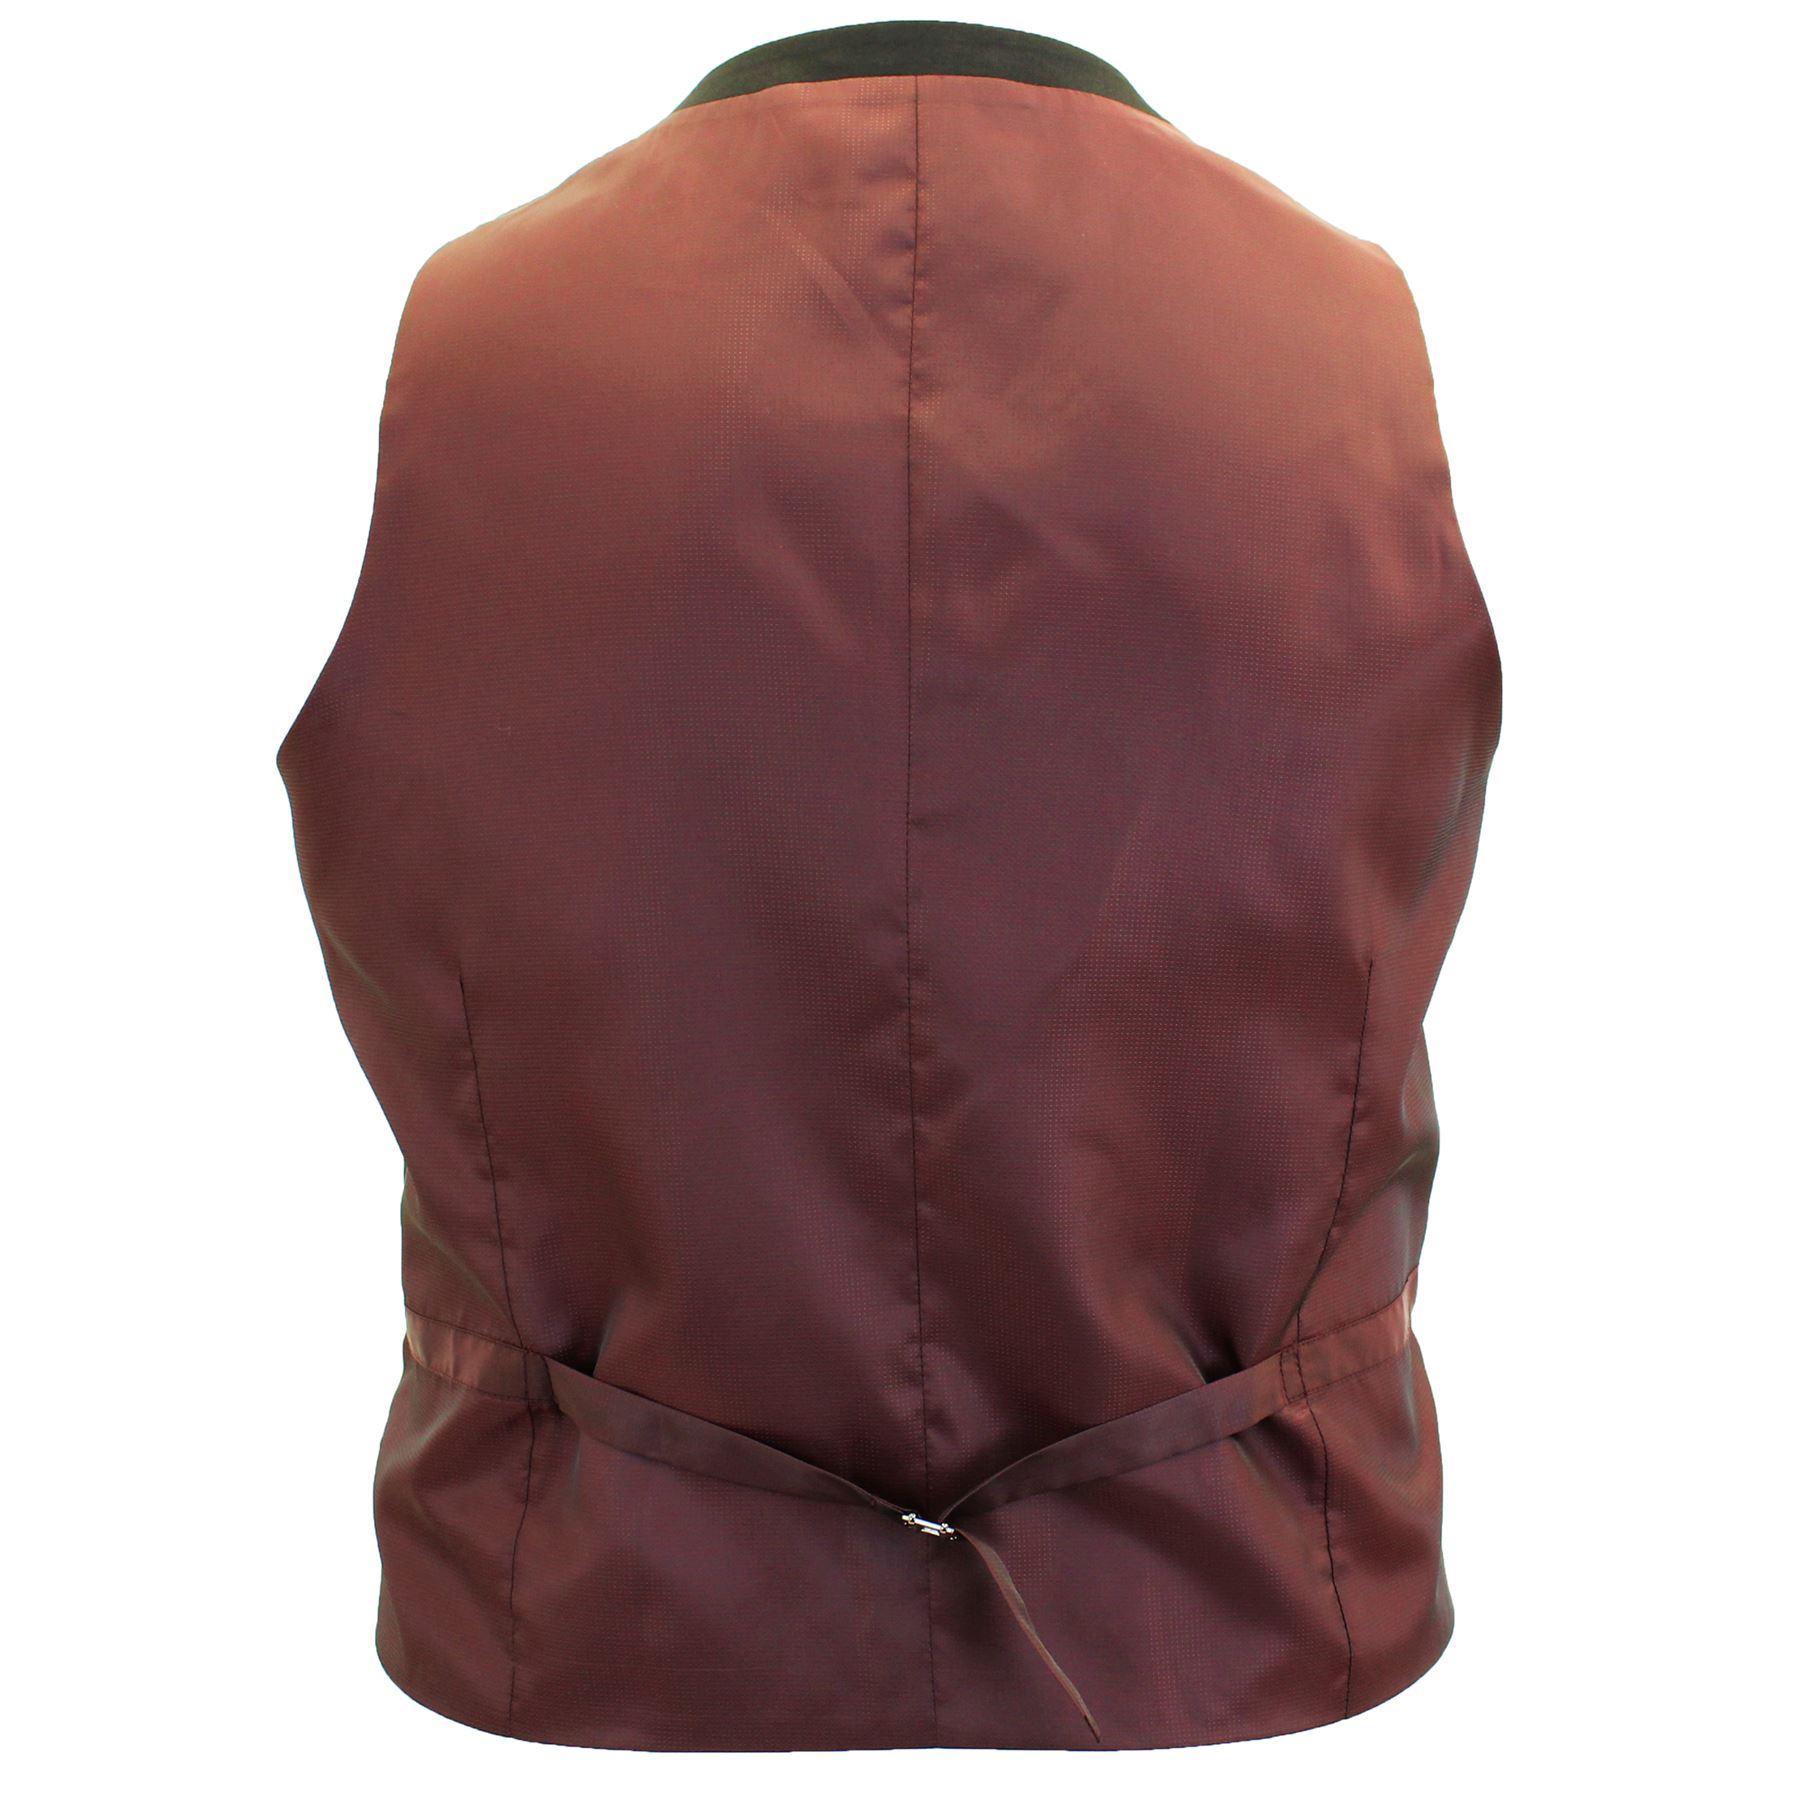 Para-Hombre-Tamano-Grande-Negro-Chaleco-Chaqueta-2-piezas-traje-se-vende-por-separado-50-52-54-56-58 miniatura 5